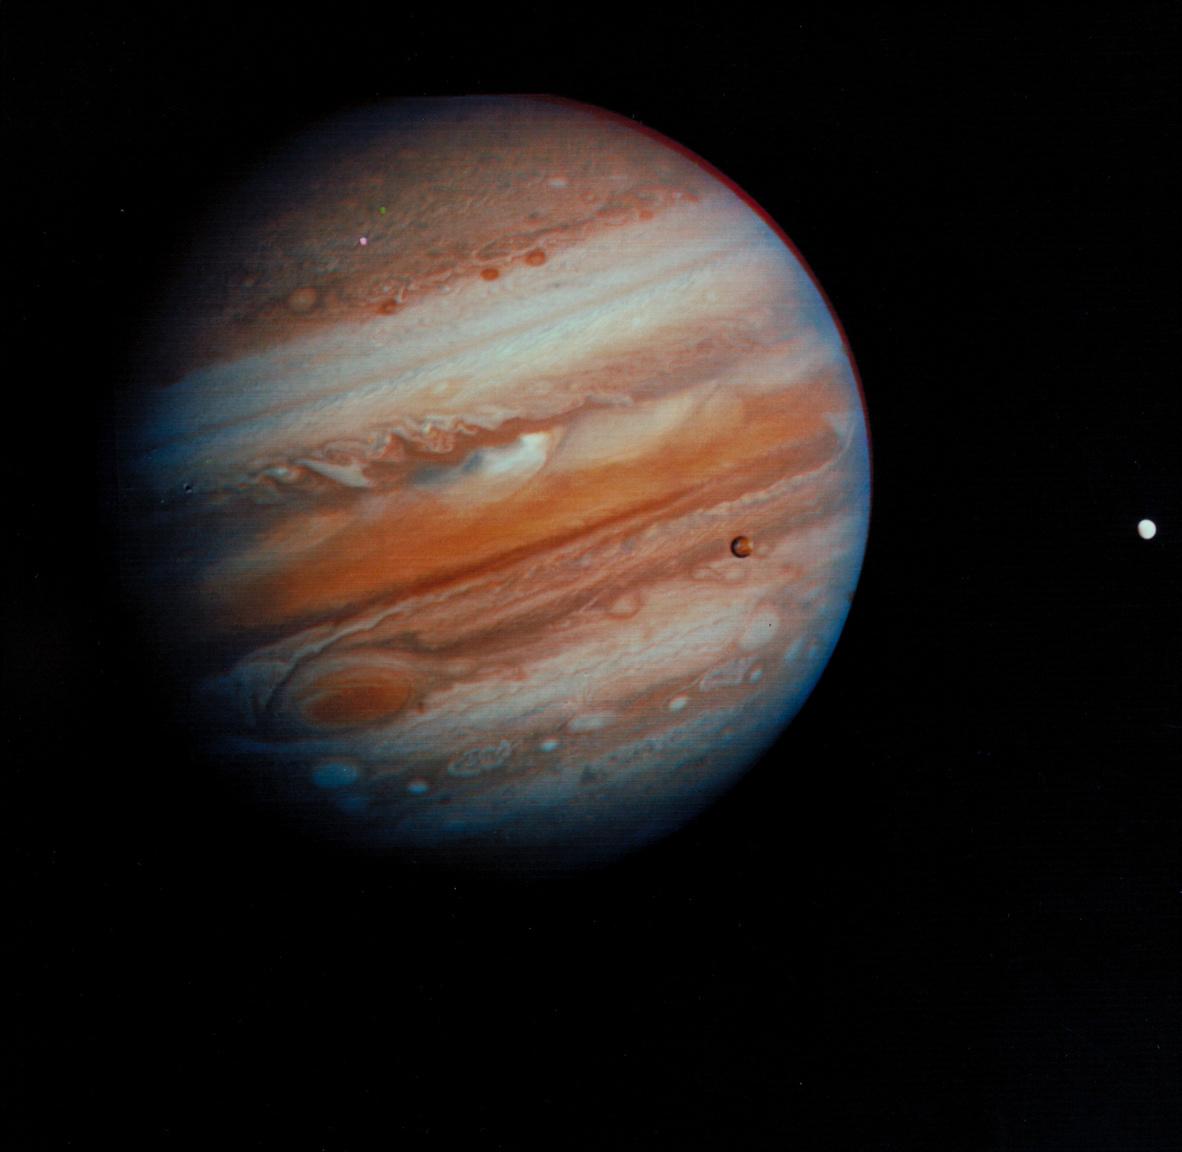 1979. február 5. A Voyager 1 28,4 millió kilométerre járt a Jupitertől, amikor ezt a ikonikus képet készítette naprendszerünk legnagyobb bolygójáról és három nagy holdjáról, a Callistóról, az Ioról és az Europáról (balról jobbra). (A fotó igazából három fekete-fehér képből lett montázsolva és utólag színezve.)